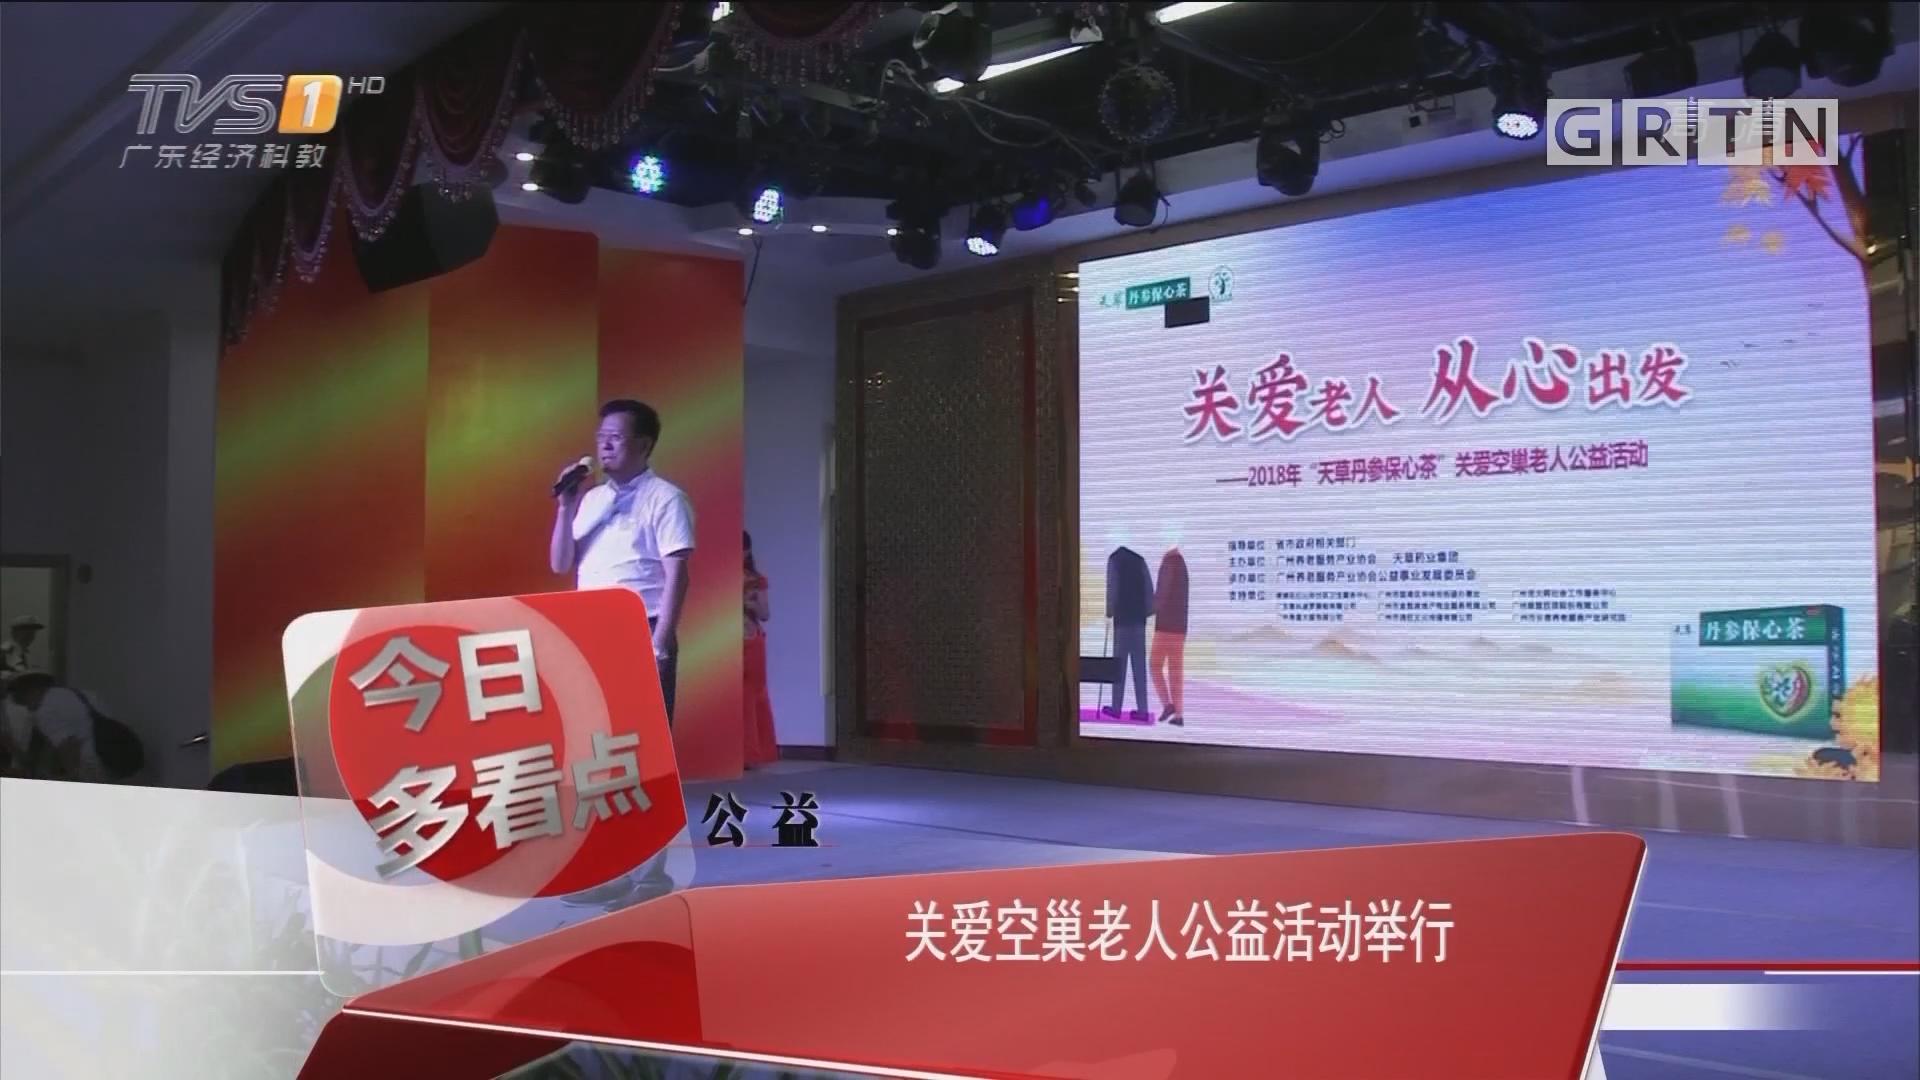 公益:关爱空巢老人公益活动举行